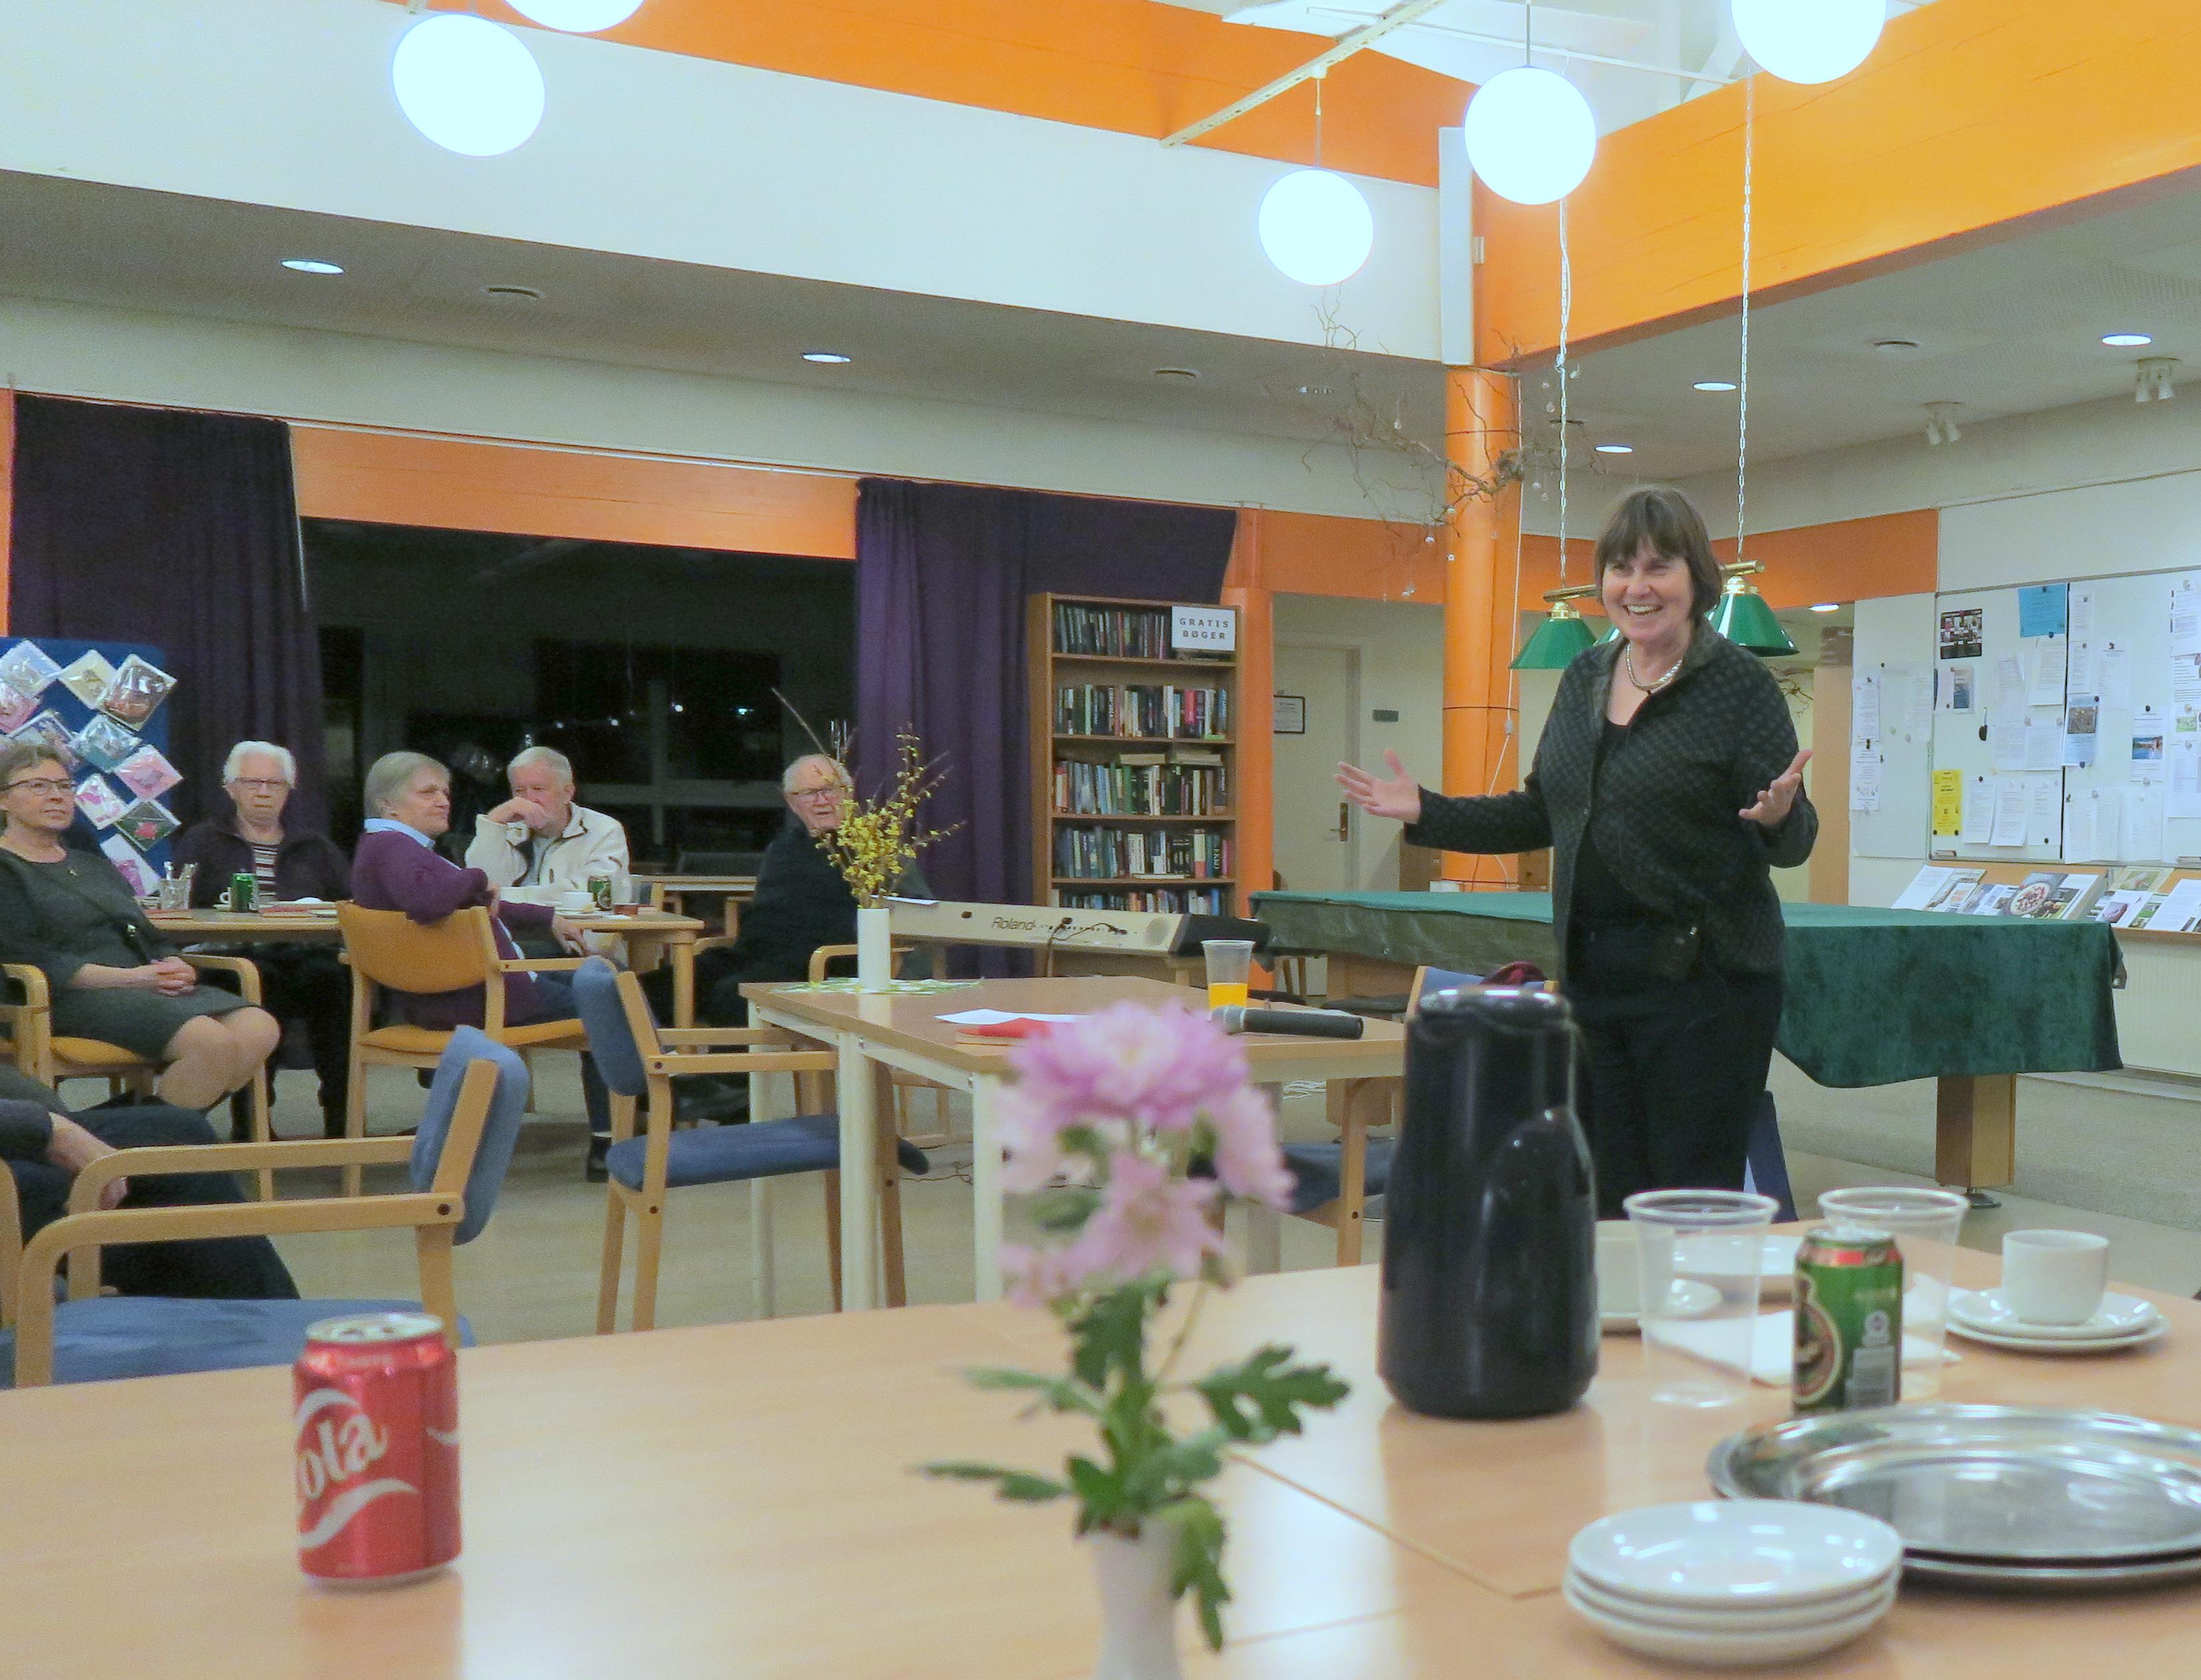 På charmerende vis formidlede Anne E. Jensen sit foredrag. Foto: F.P.